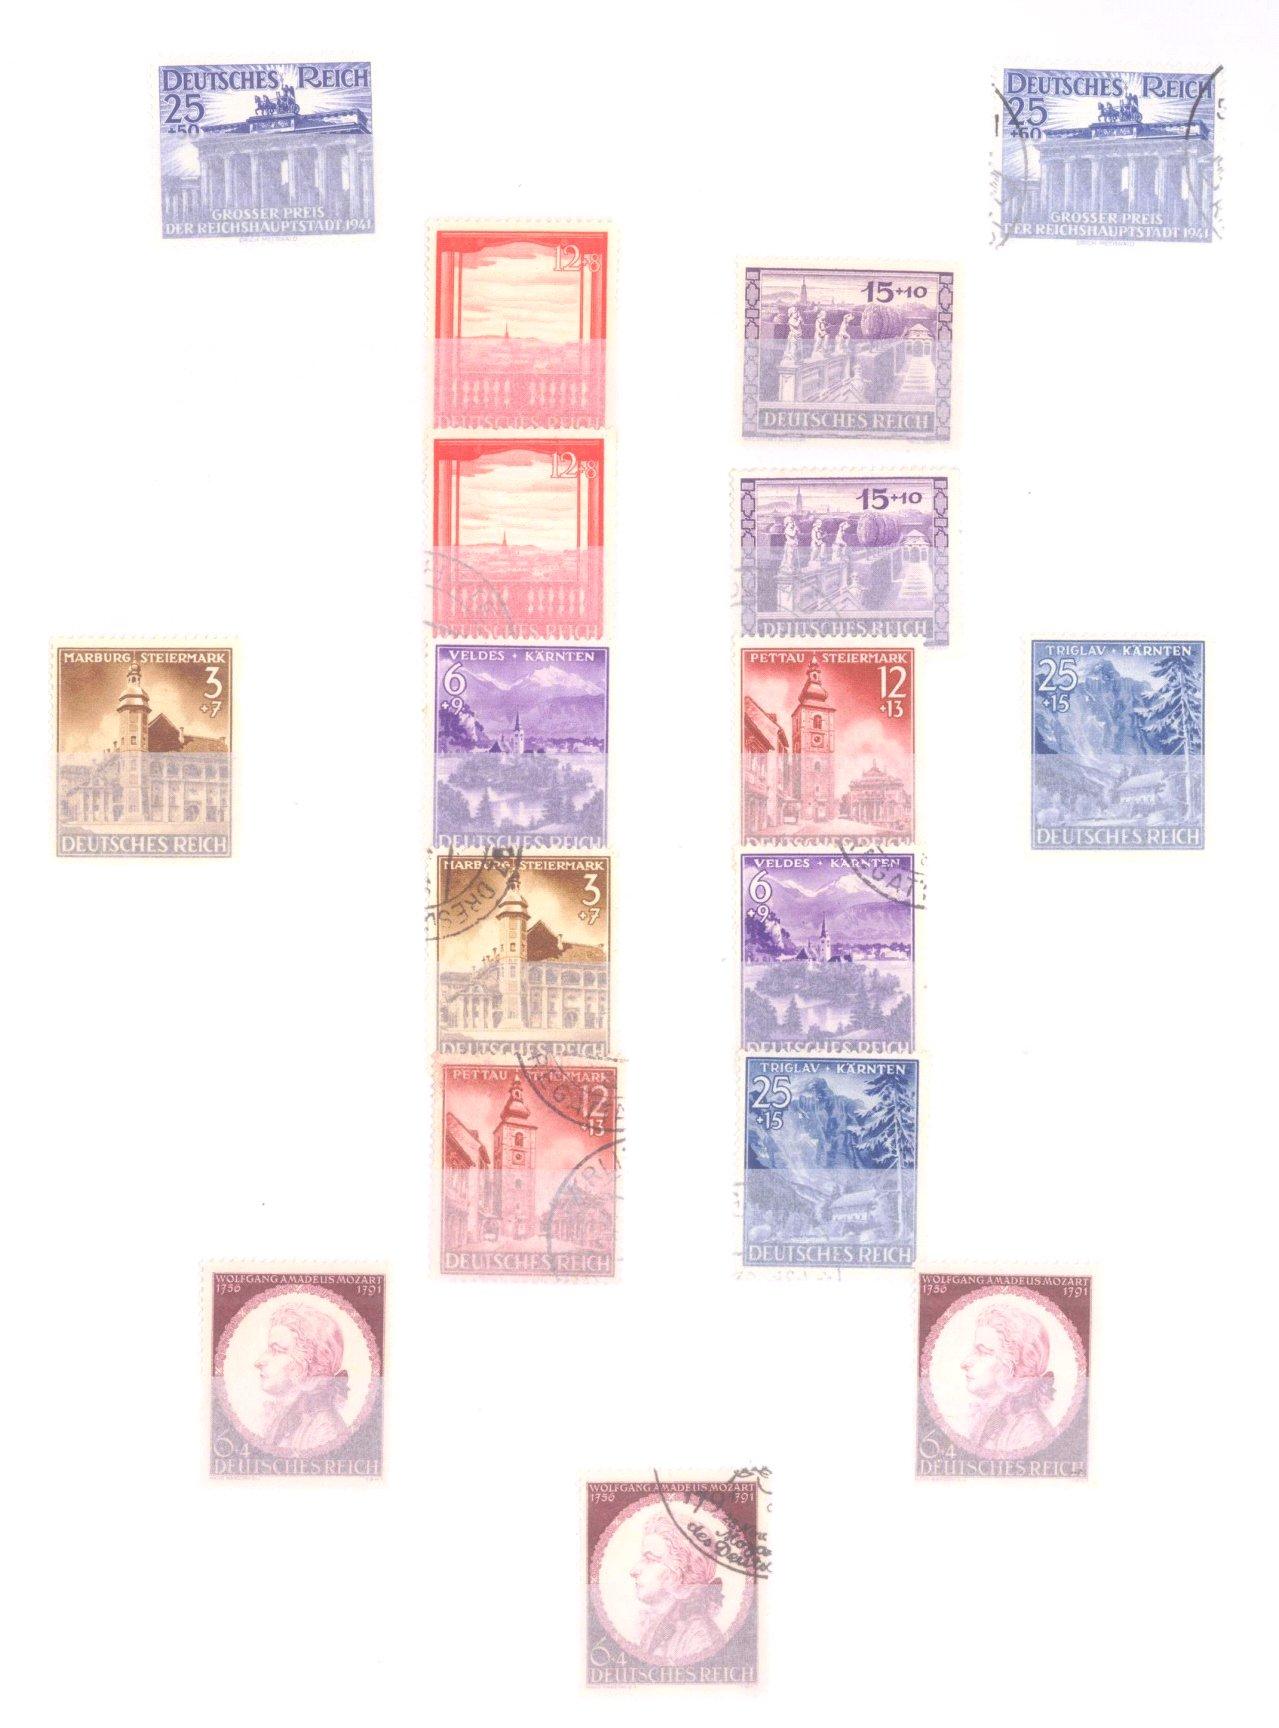 Sammlung Deutsches Reich in 2 Alben, 1933-1945-21